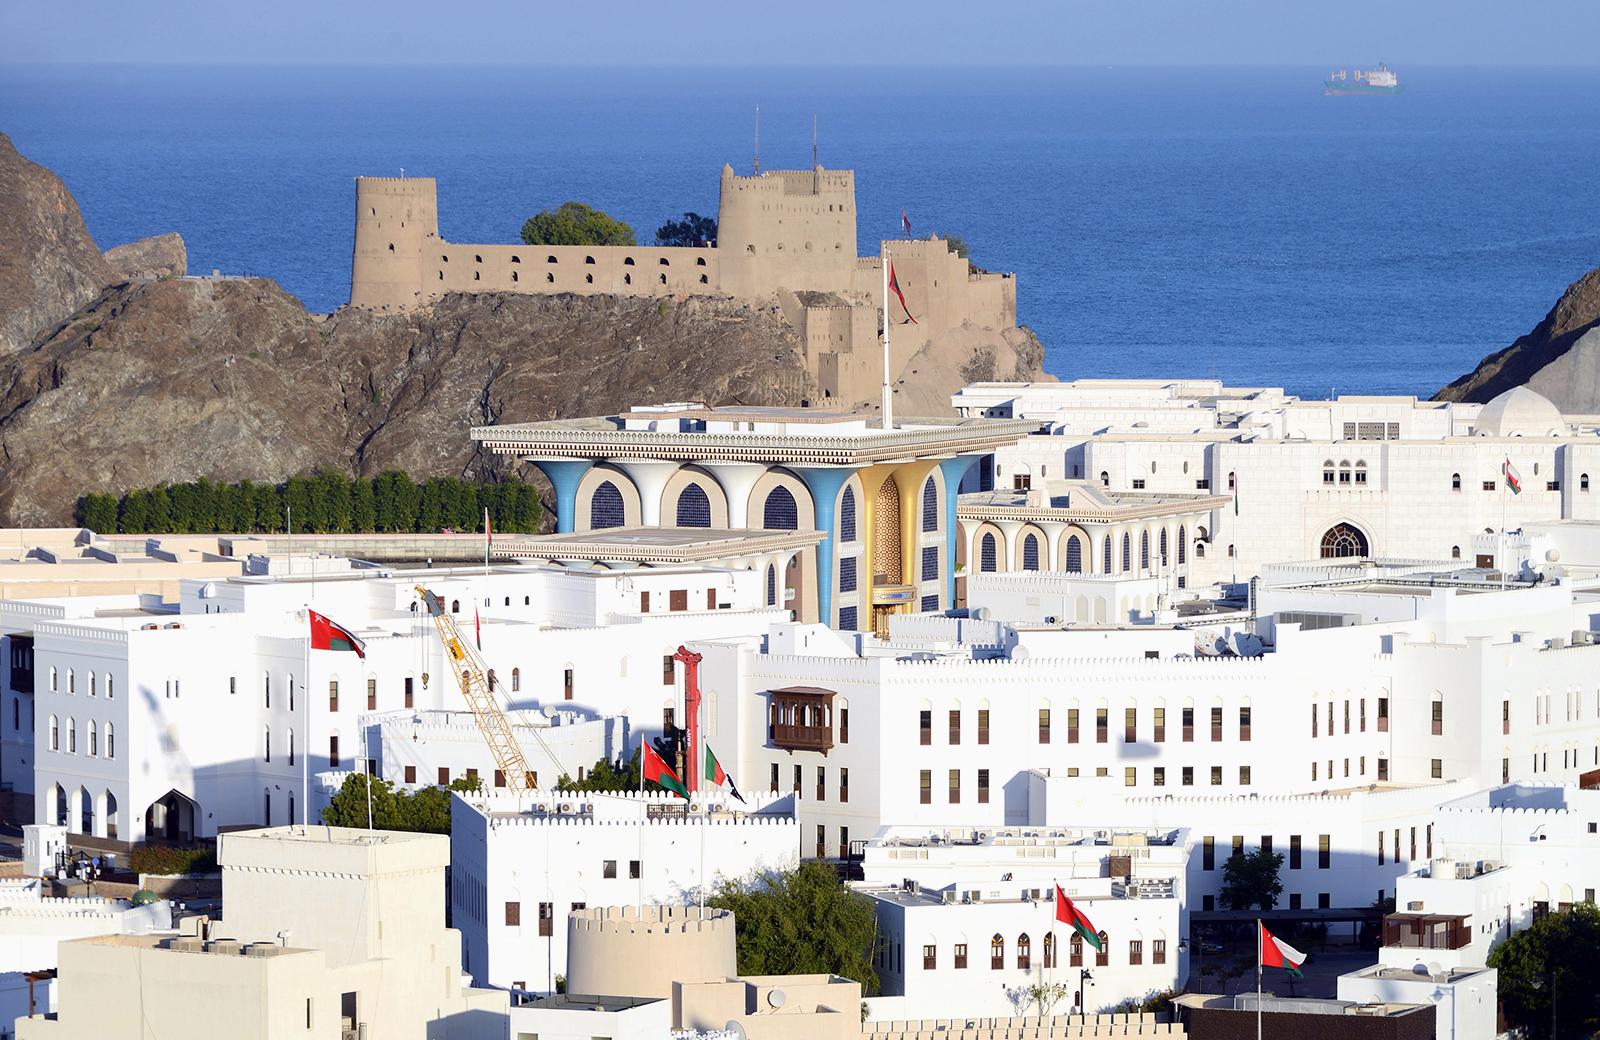 Muscat-Oman-Solar-1920x1040